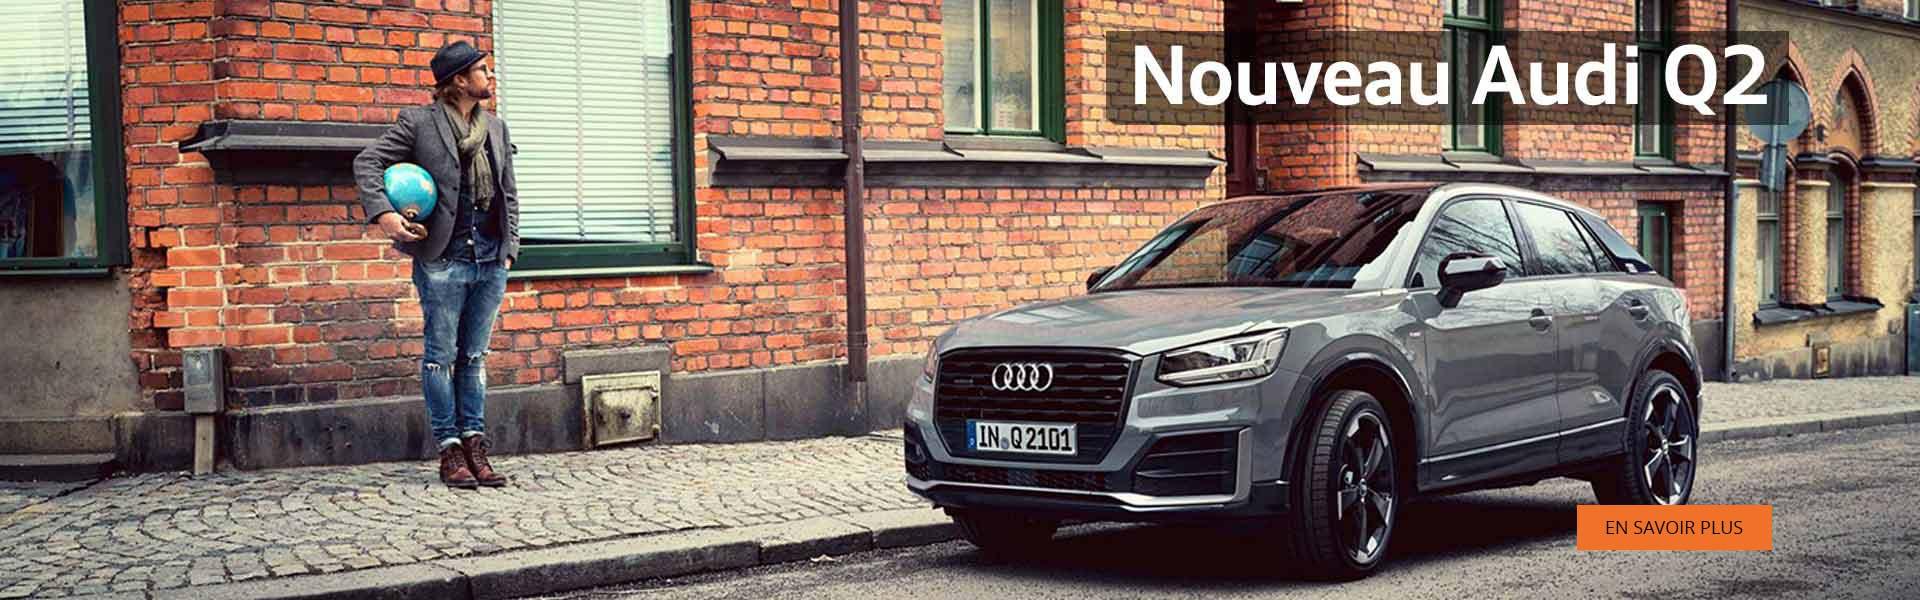 Nouvelle Audi Q2